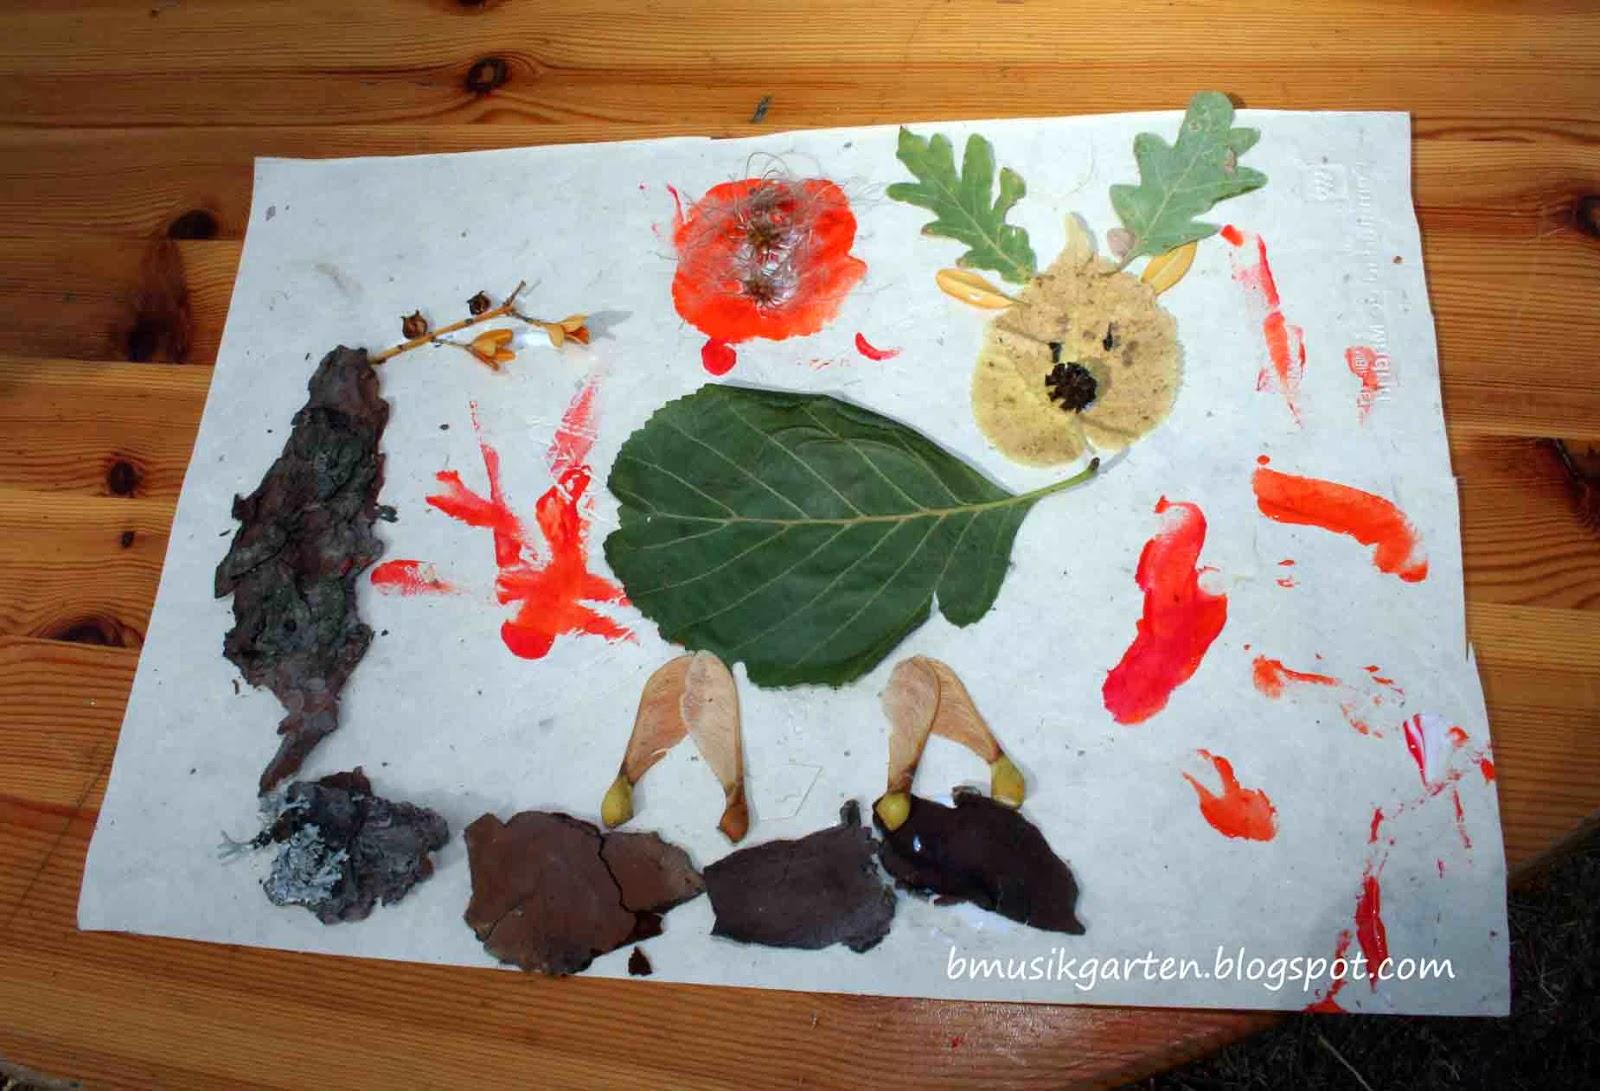 Las 10 mejores actividades con hojas de árboles para niños   Beatriz ...